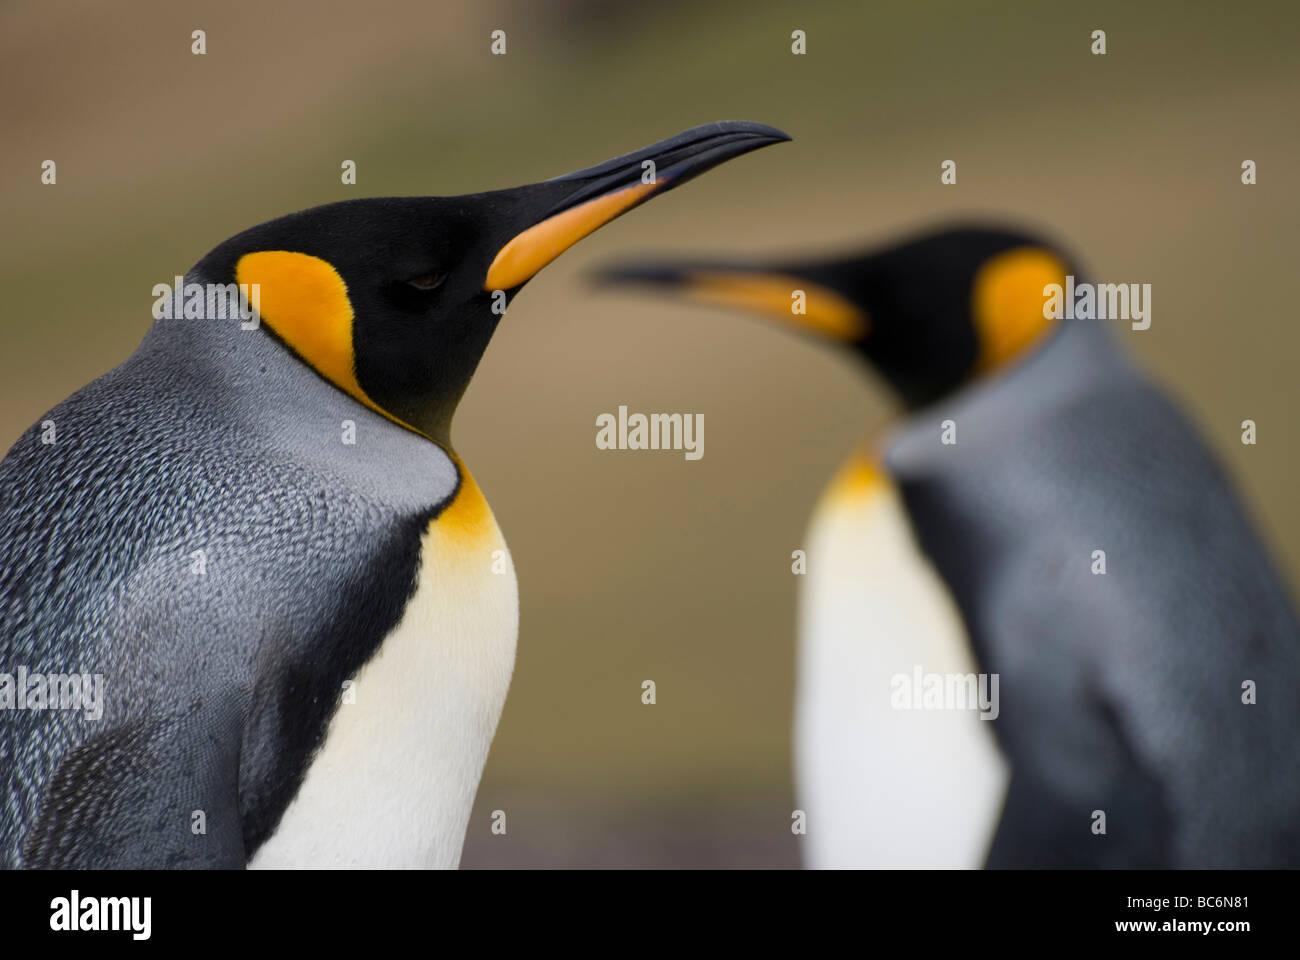 Two King Penguins, Aptenodytes patagonicus - Stock Image